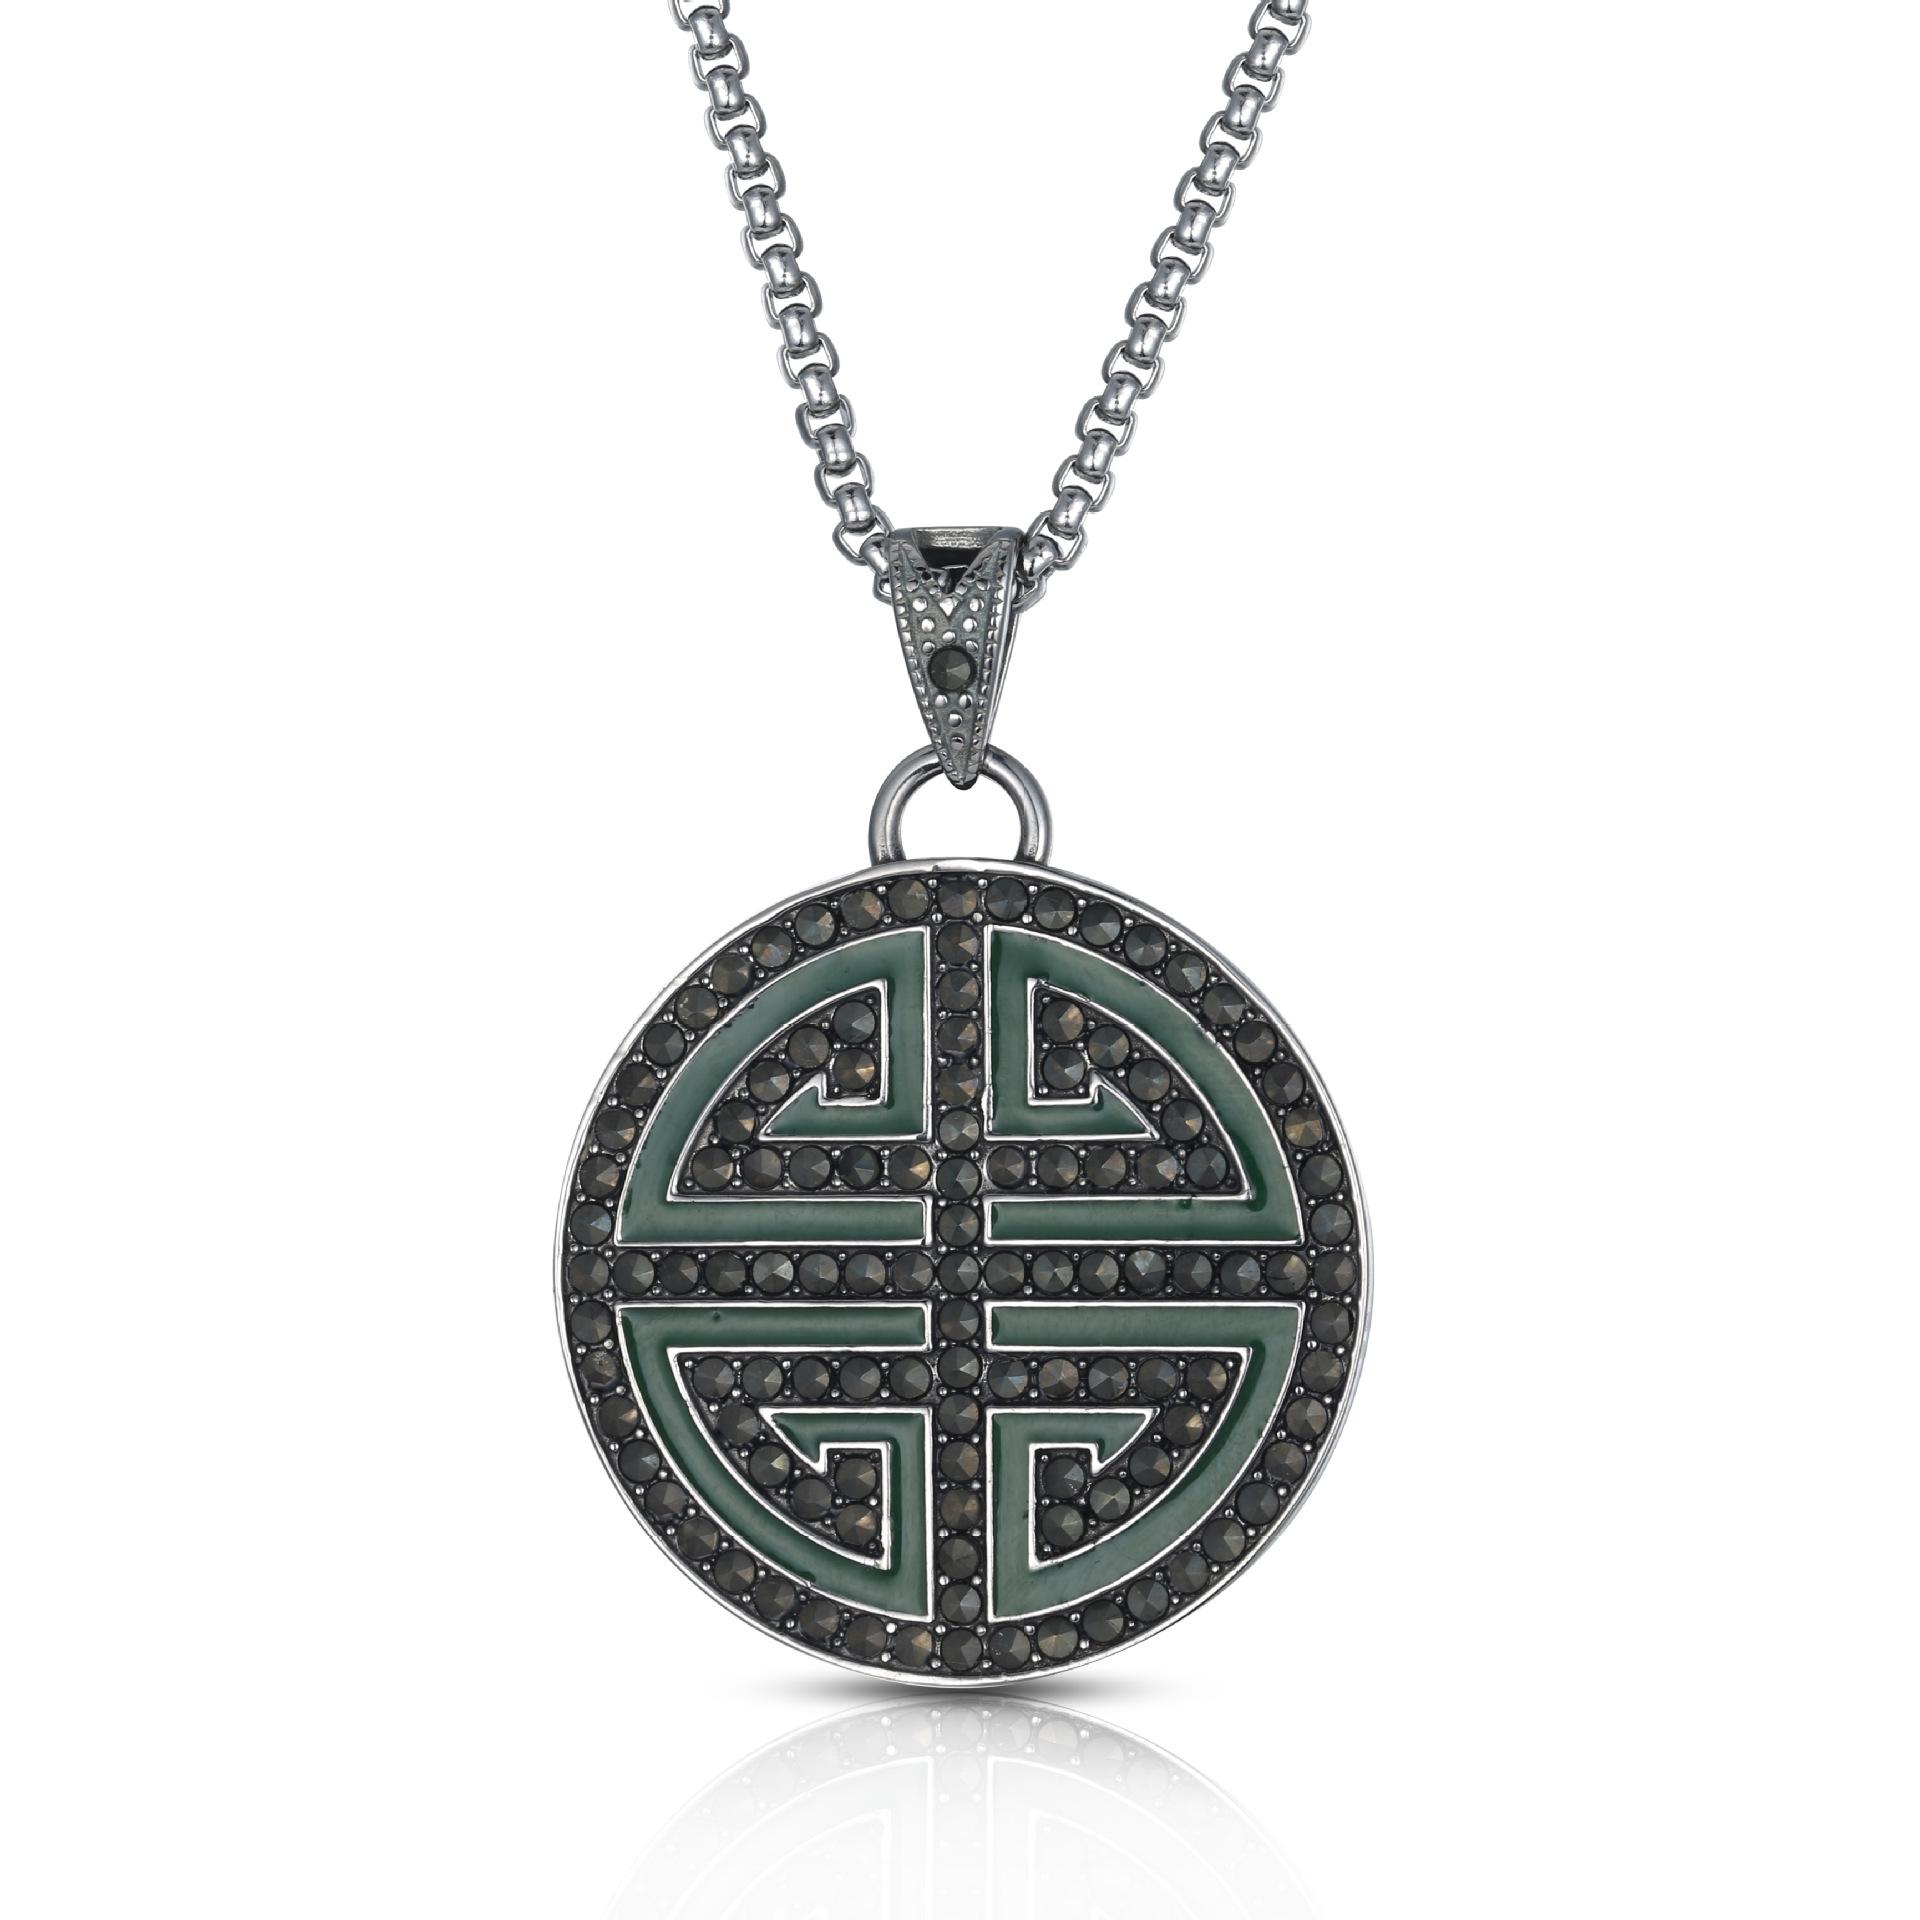 新款时尚复古中国风微镶寿字圆牌纯银锁骨项链